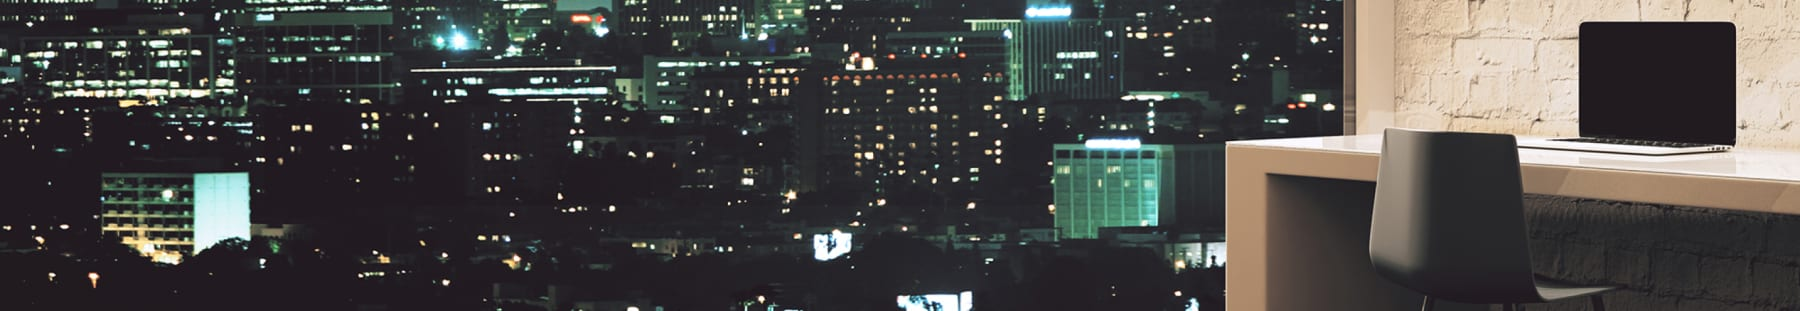 赤坂見附駅の夜景が綺麗なレンタルスペース